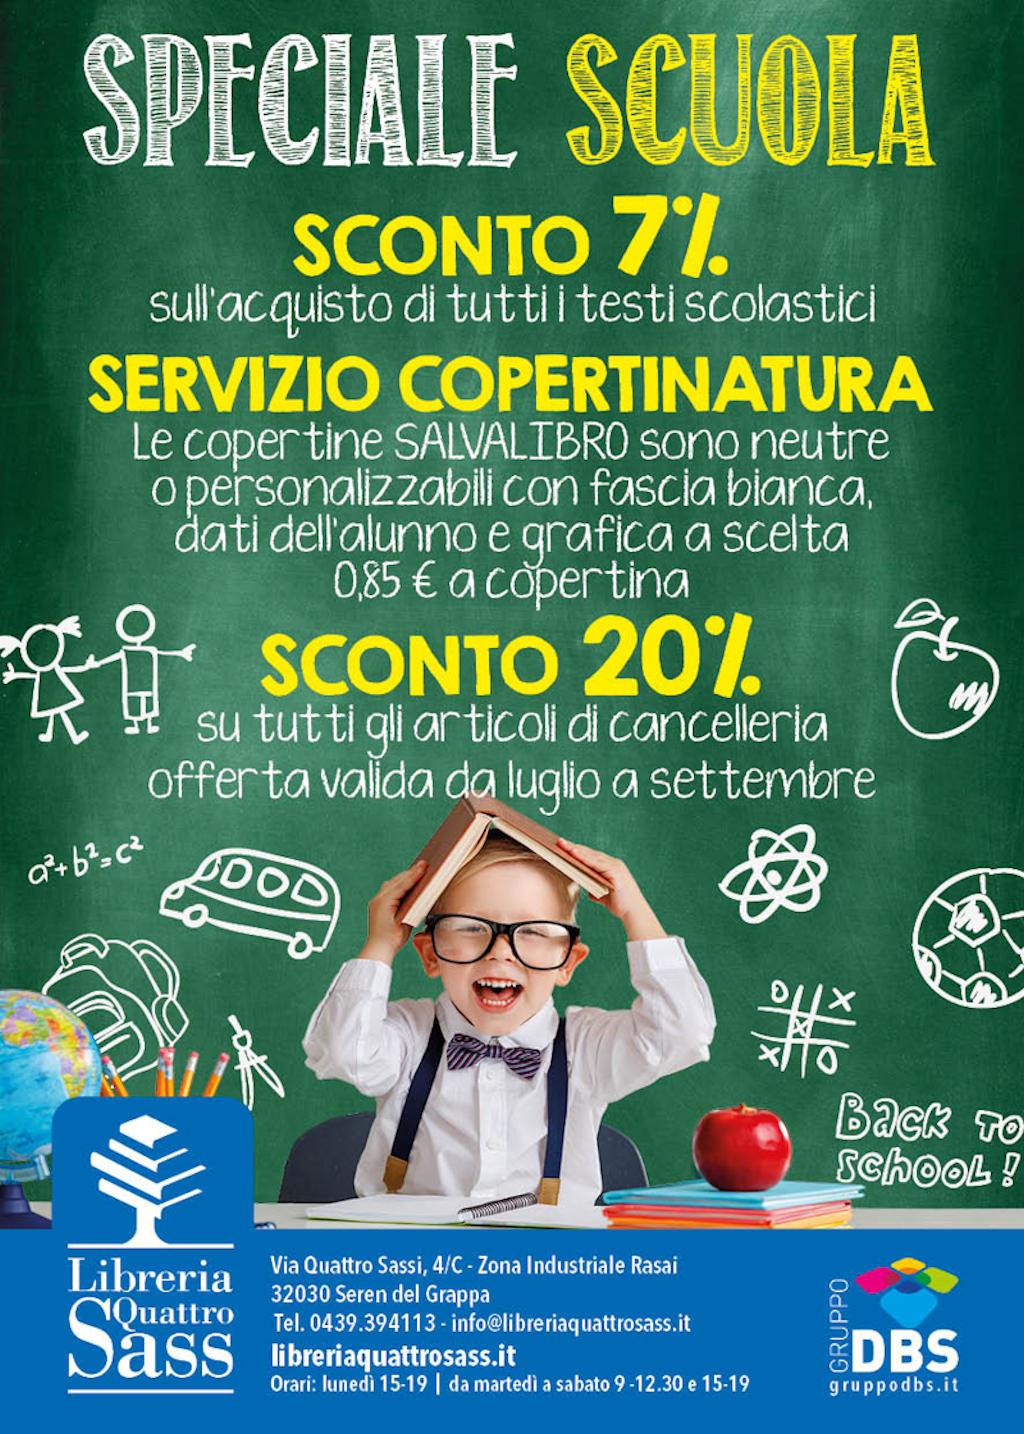 Speciale scuola